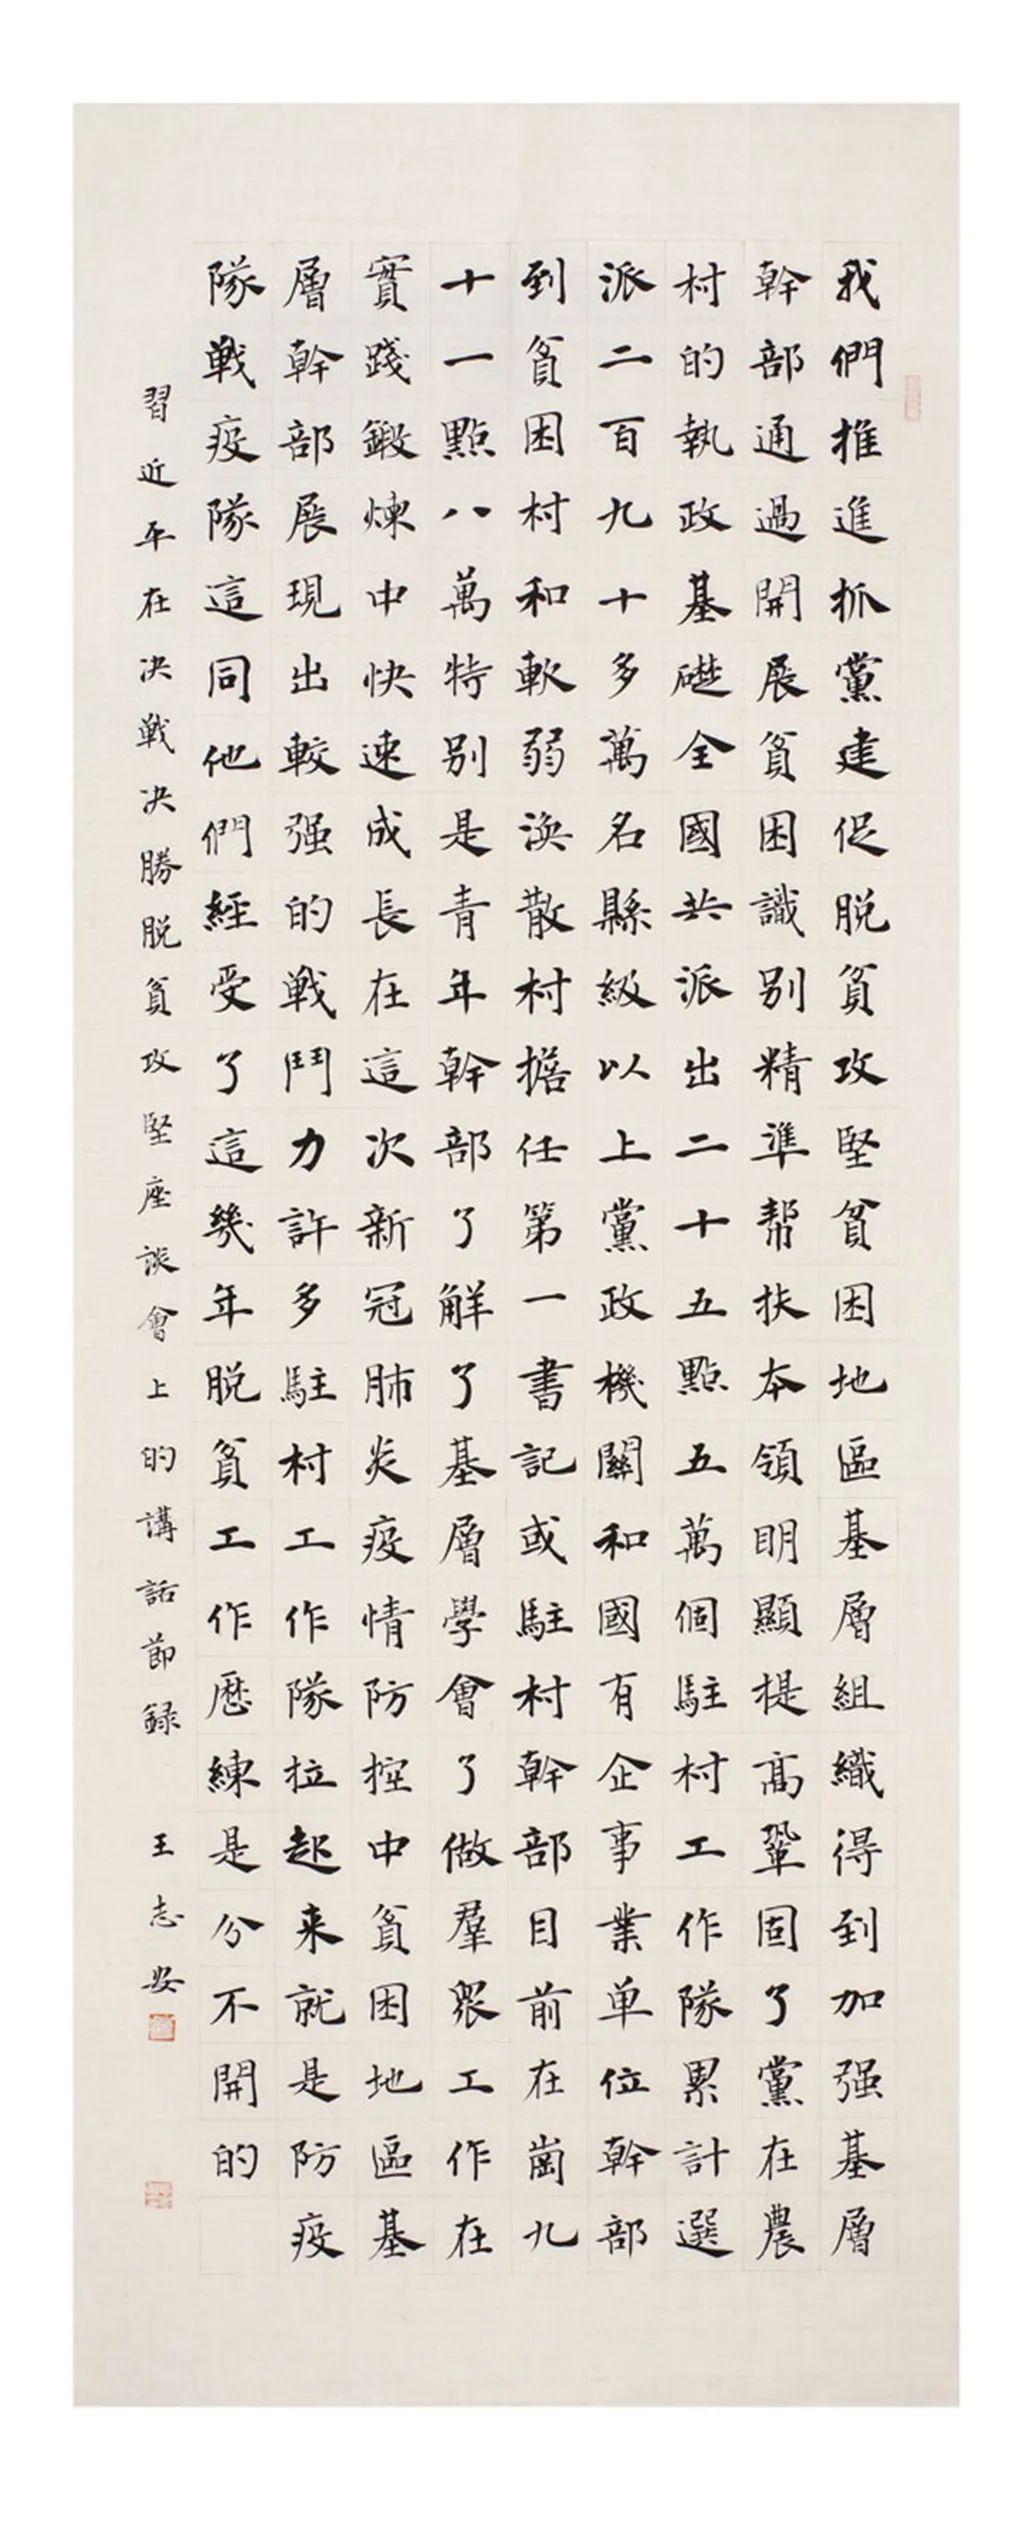 中国力量——全国扶贫书法大展作品 | 第一篇章 :人民至上(图49)